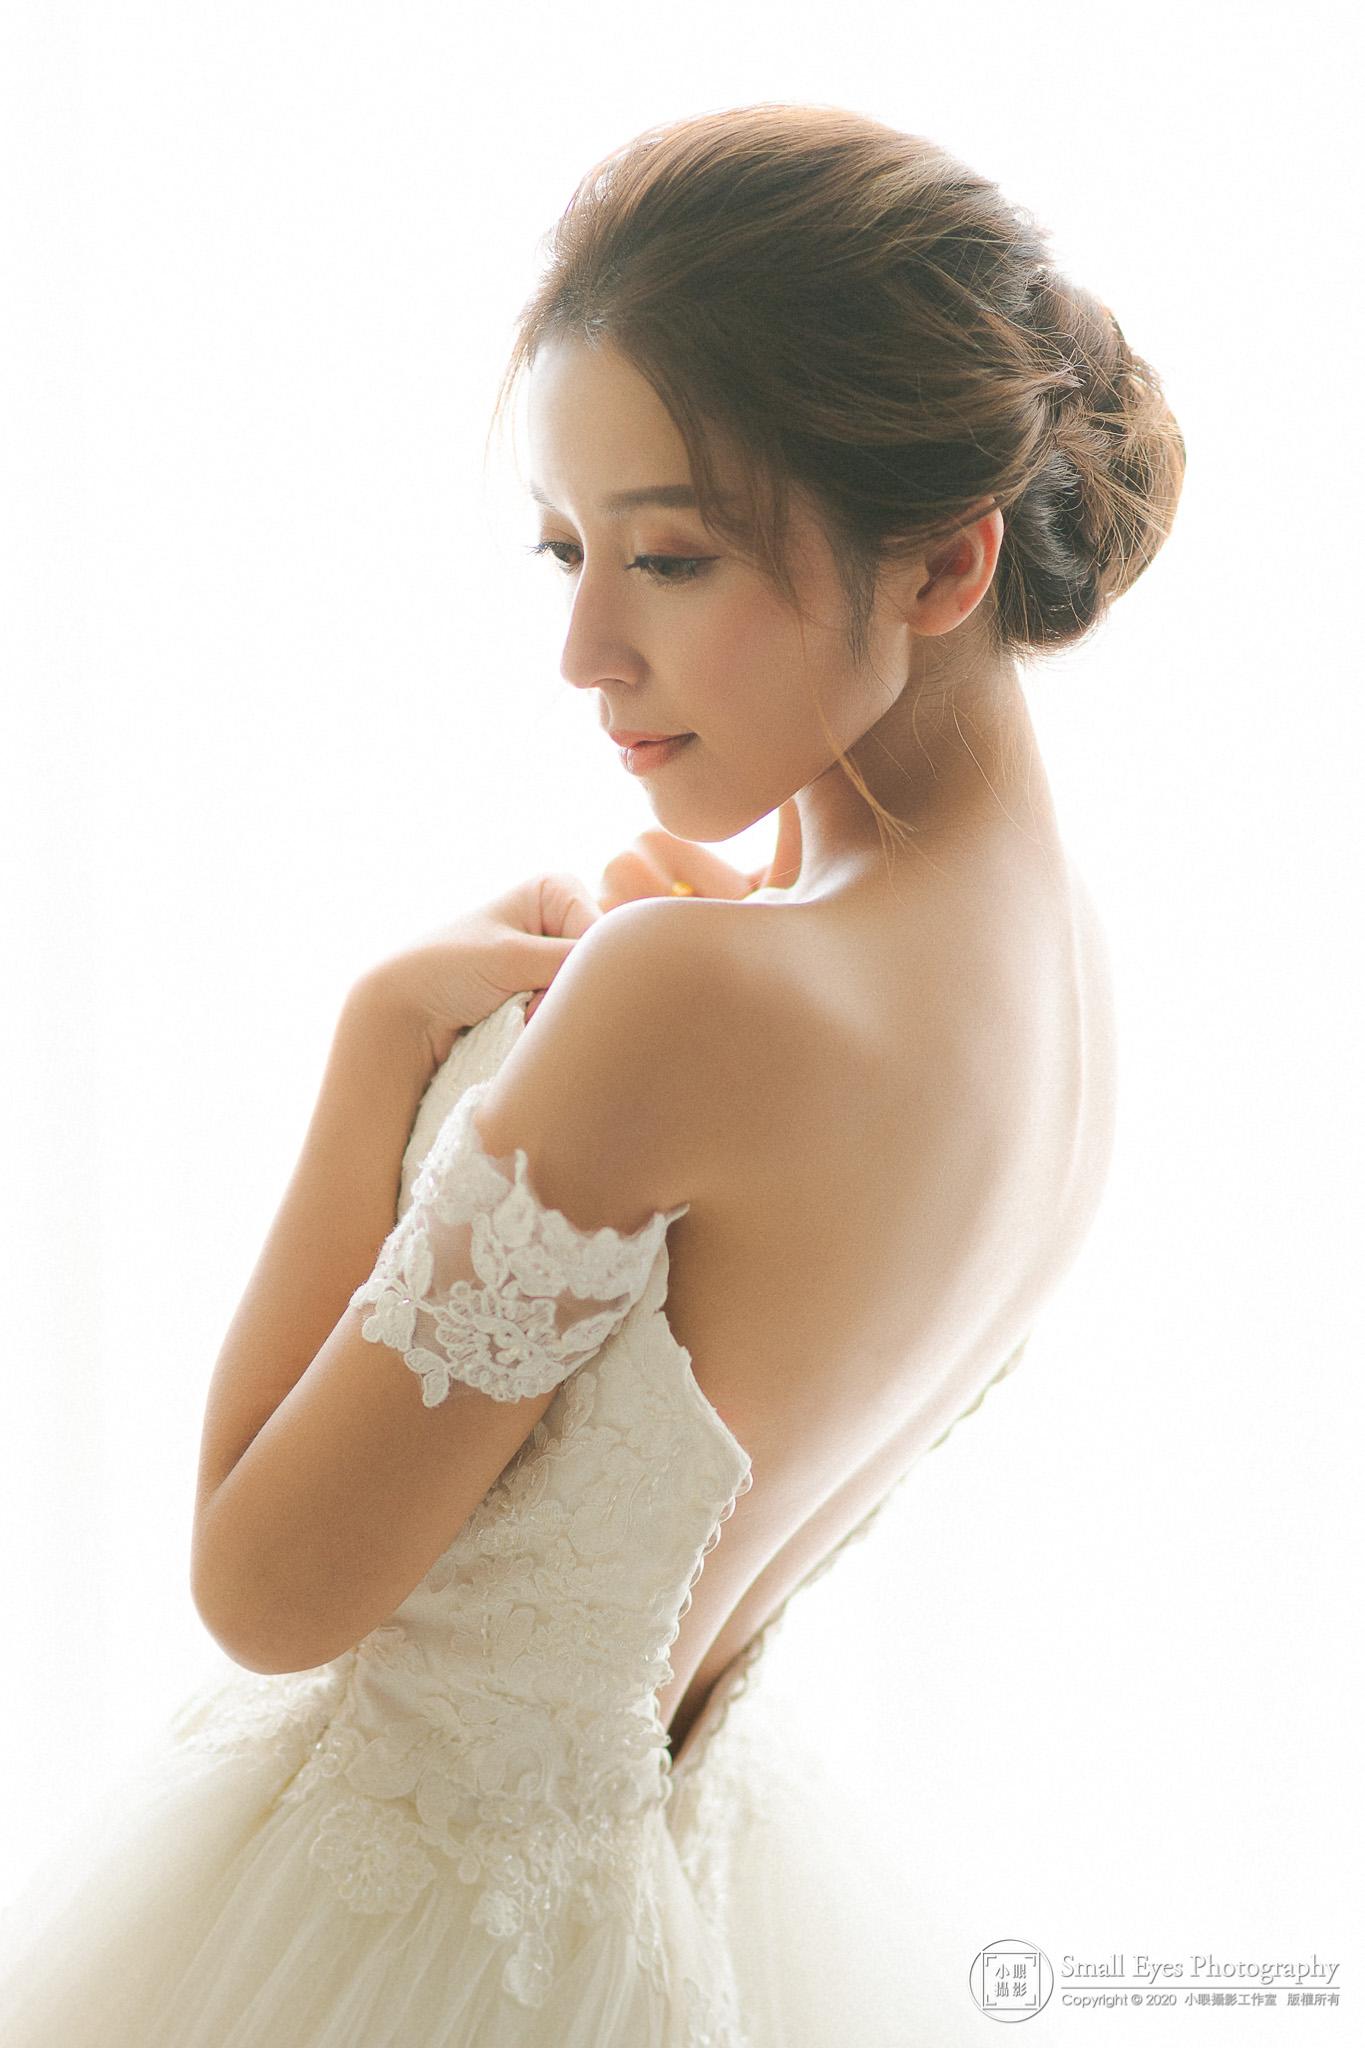 【婚禮紀實】婚攝小眼 - 濟寬 & 椀喬 - 婚禮紀錄 - 白紗頭紗篇